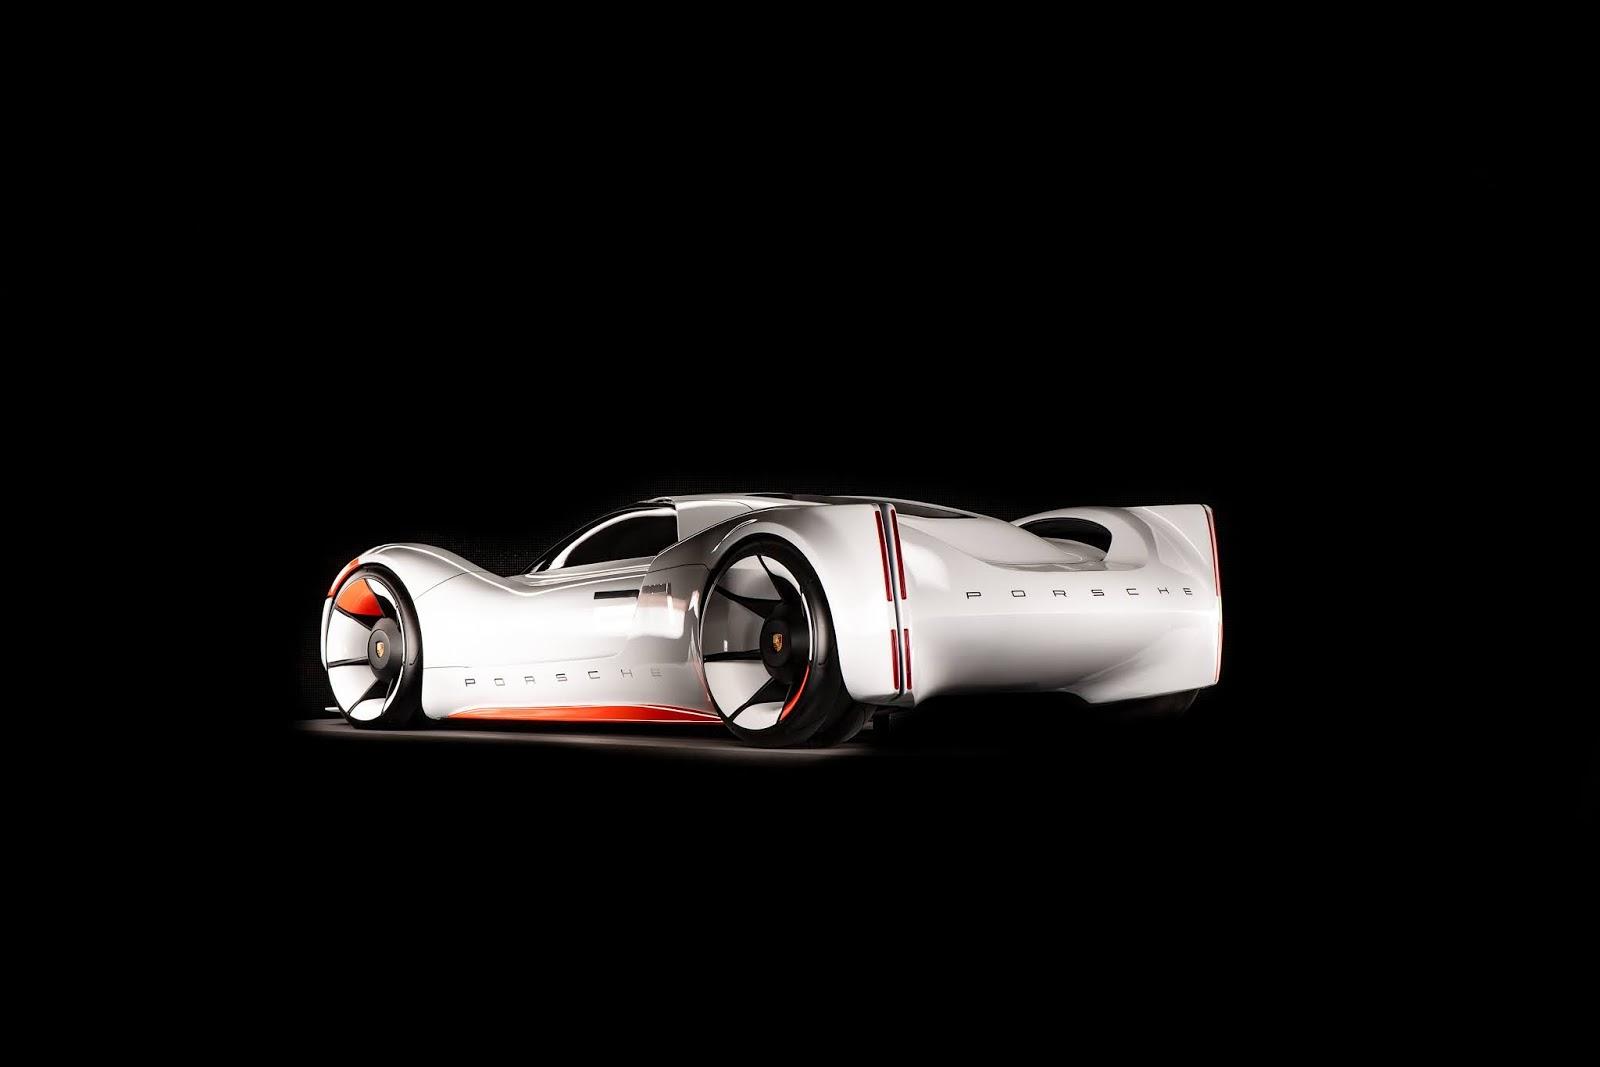 DSC9298 2 Τα άγνωστα Hypercars της Porsche hypercar, Porsche, Porsche Unseen, Sunday, supercar, supercars, zblog, ειδήσεις